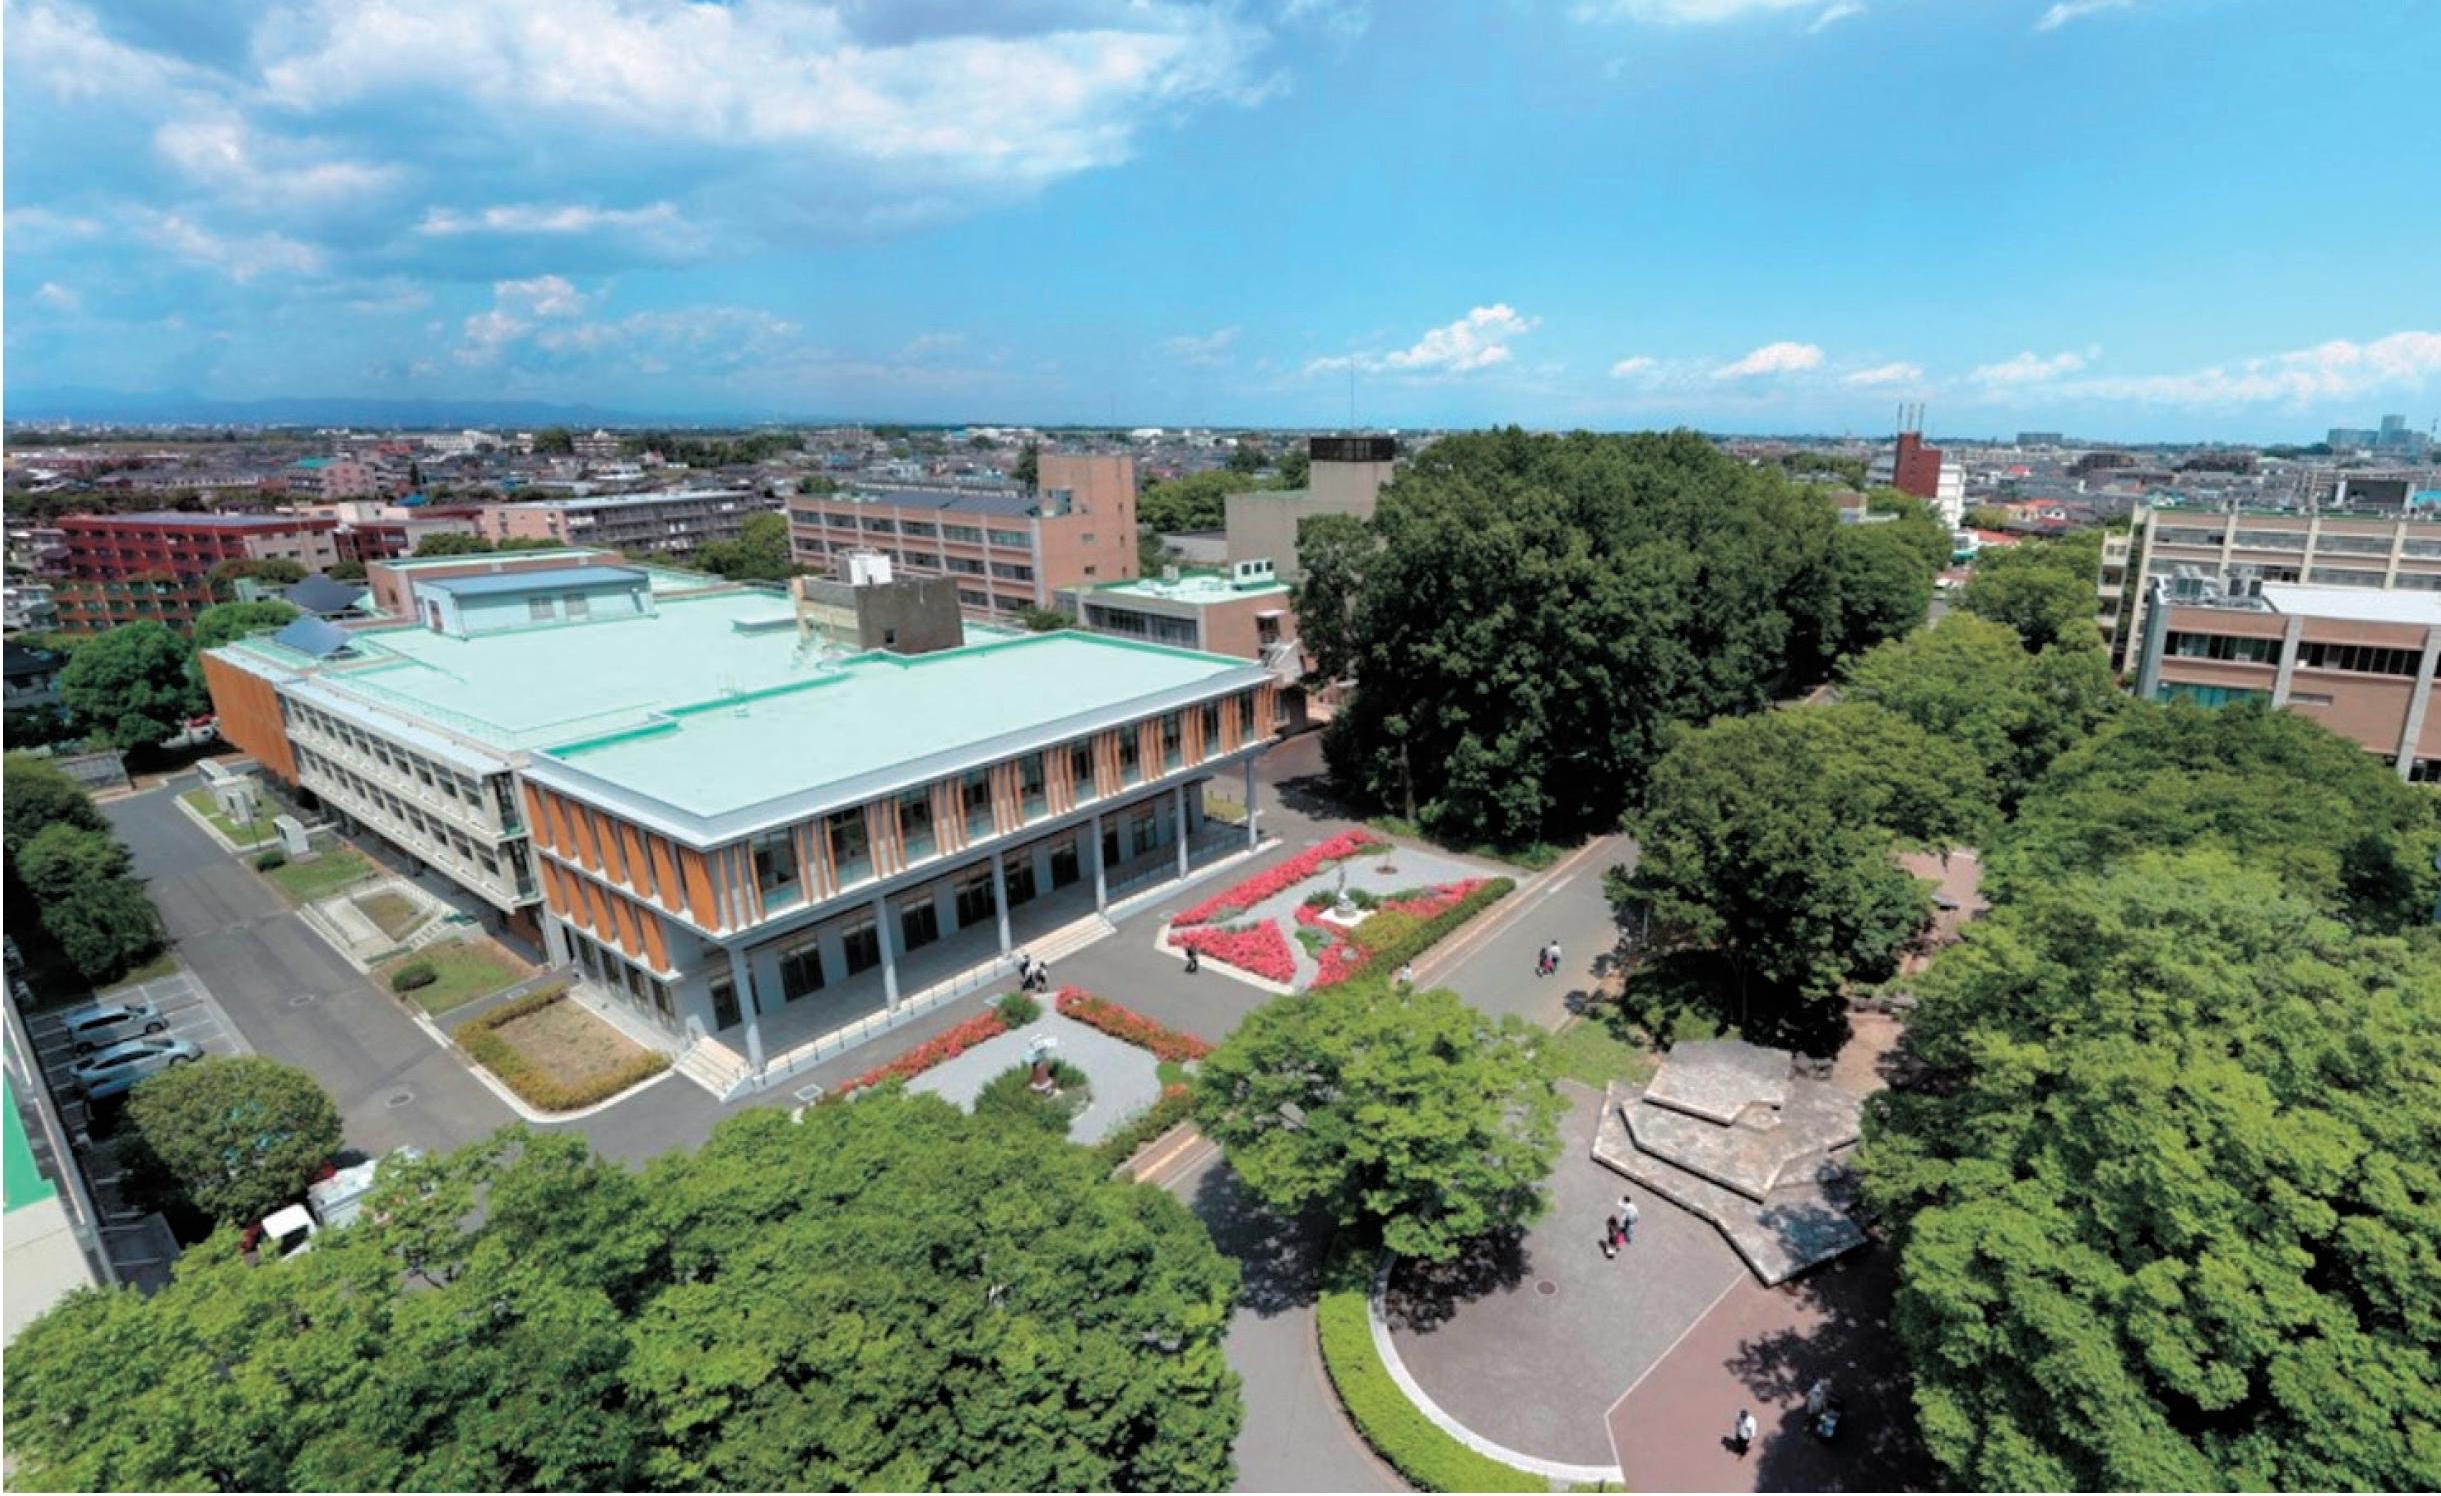 都内と埼玉にキャンパスがある大学ってどんなとこ …